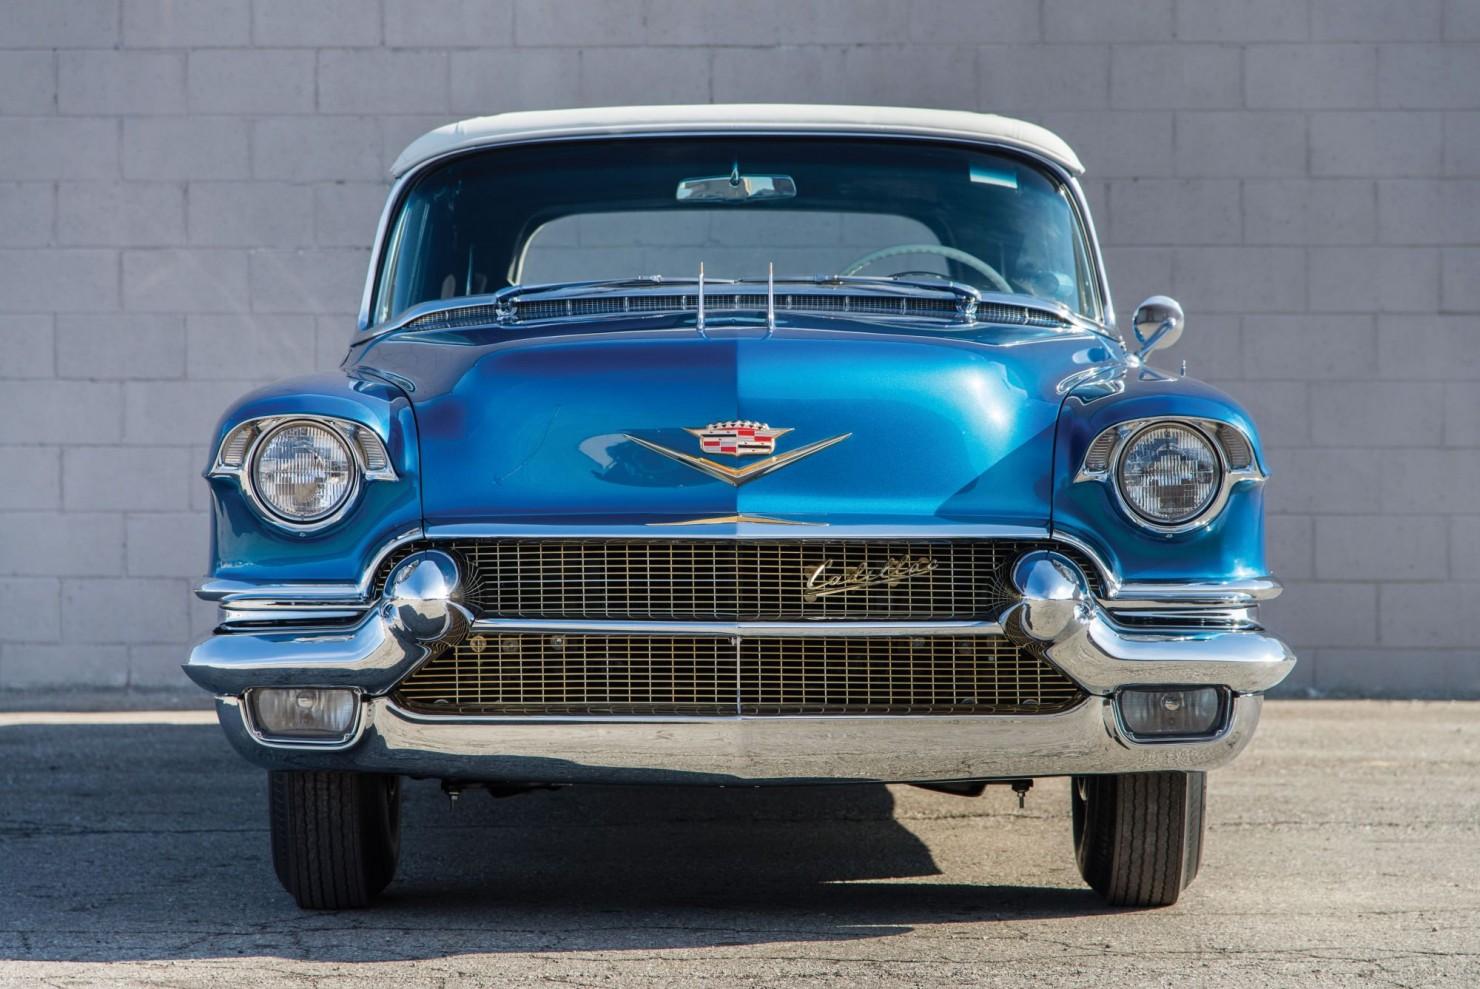 Cadillac-Eldorado-Car-20